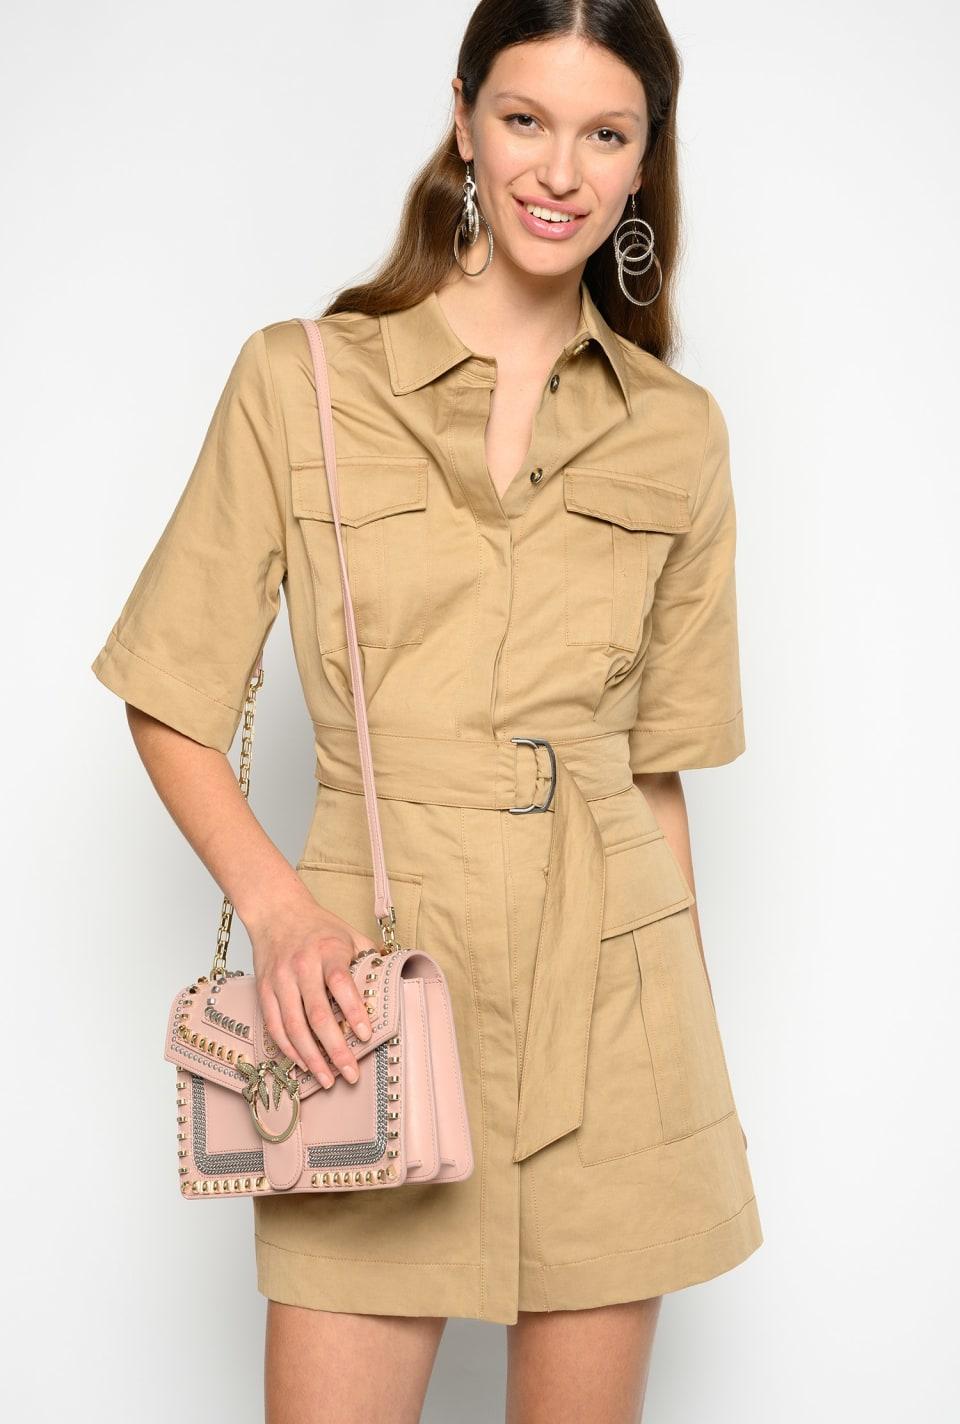 Vestido estilo safari